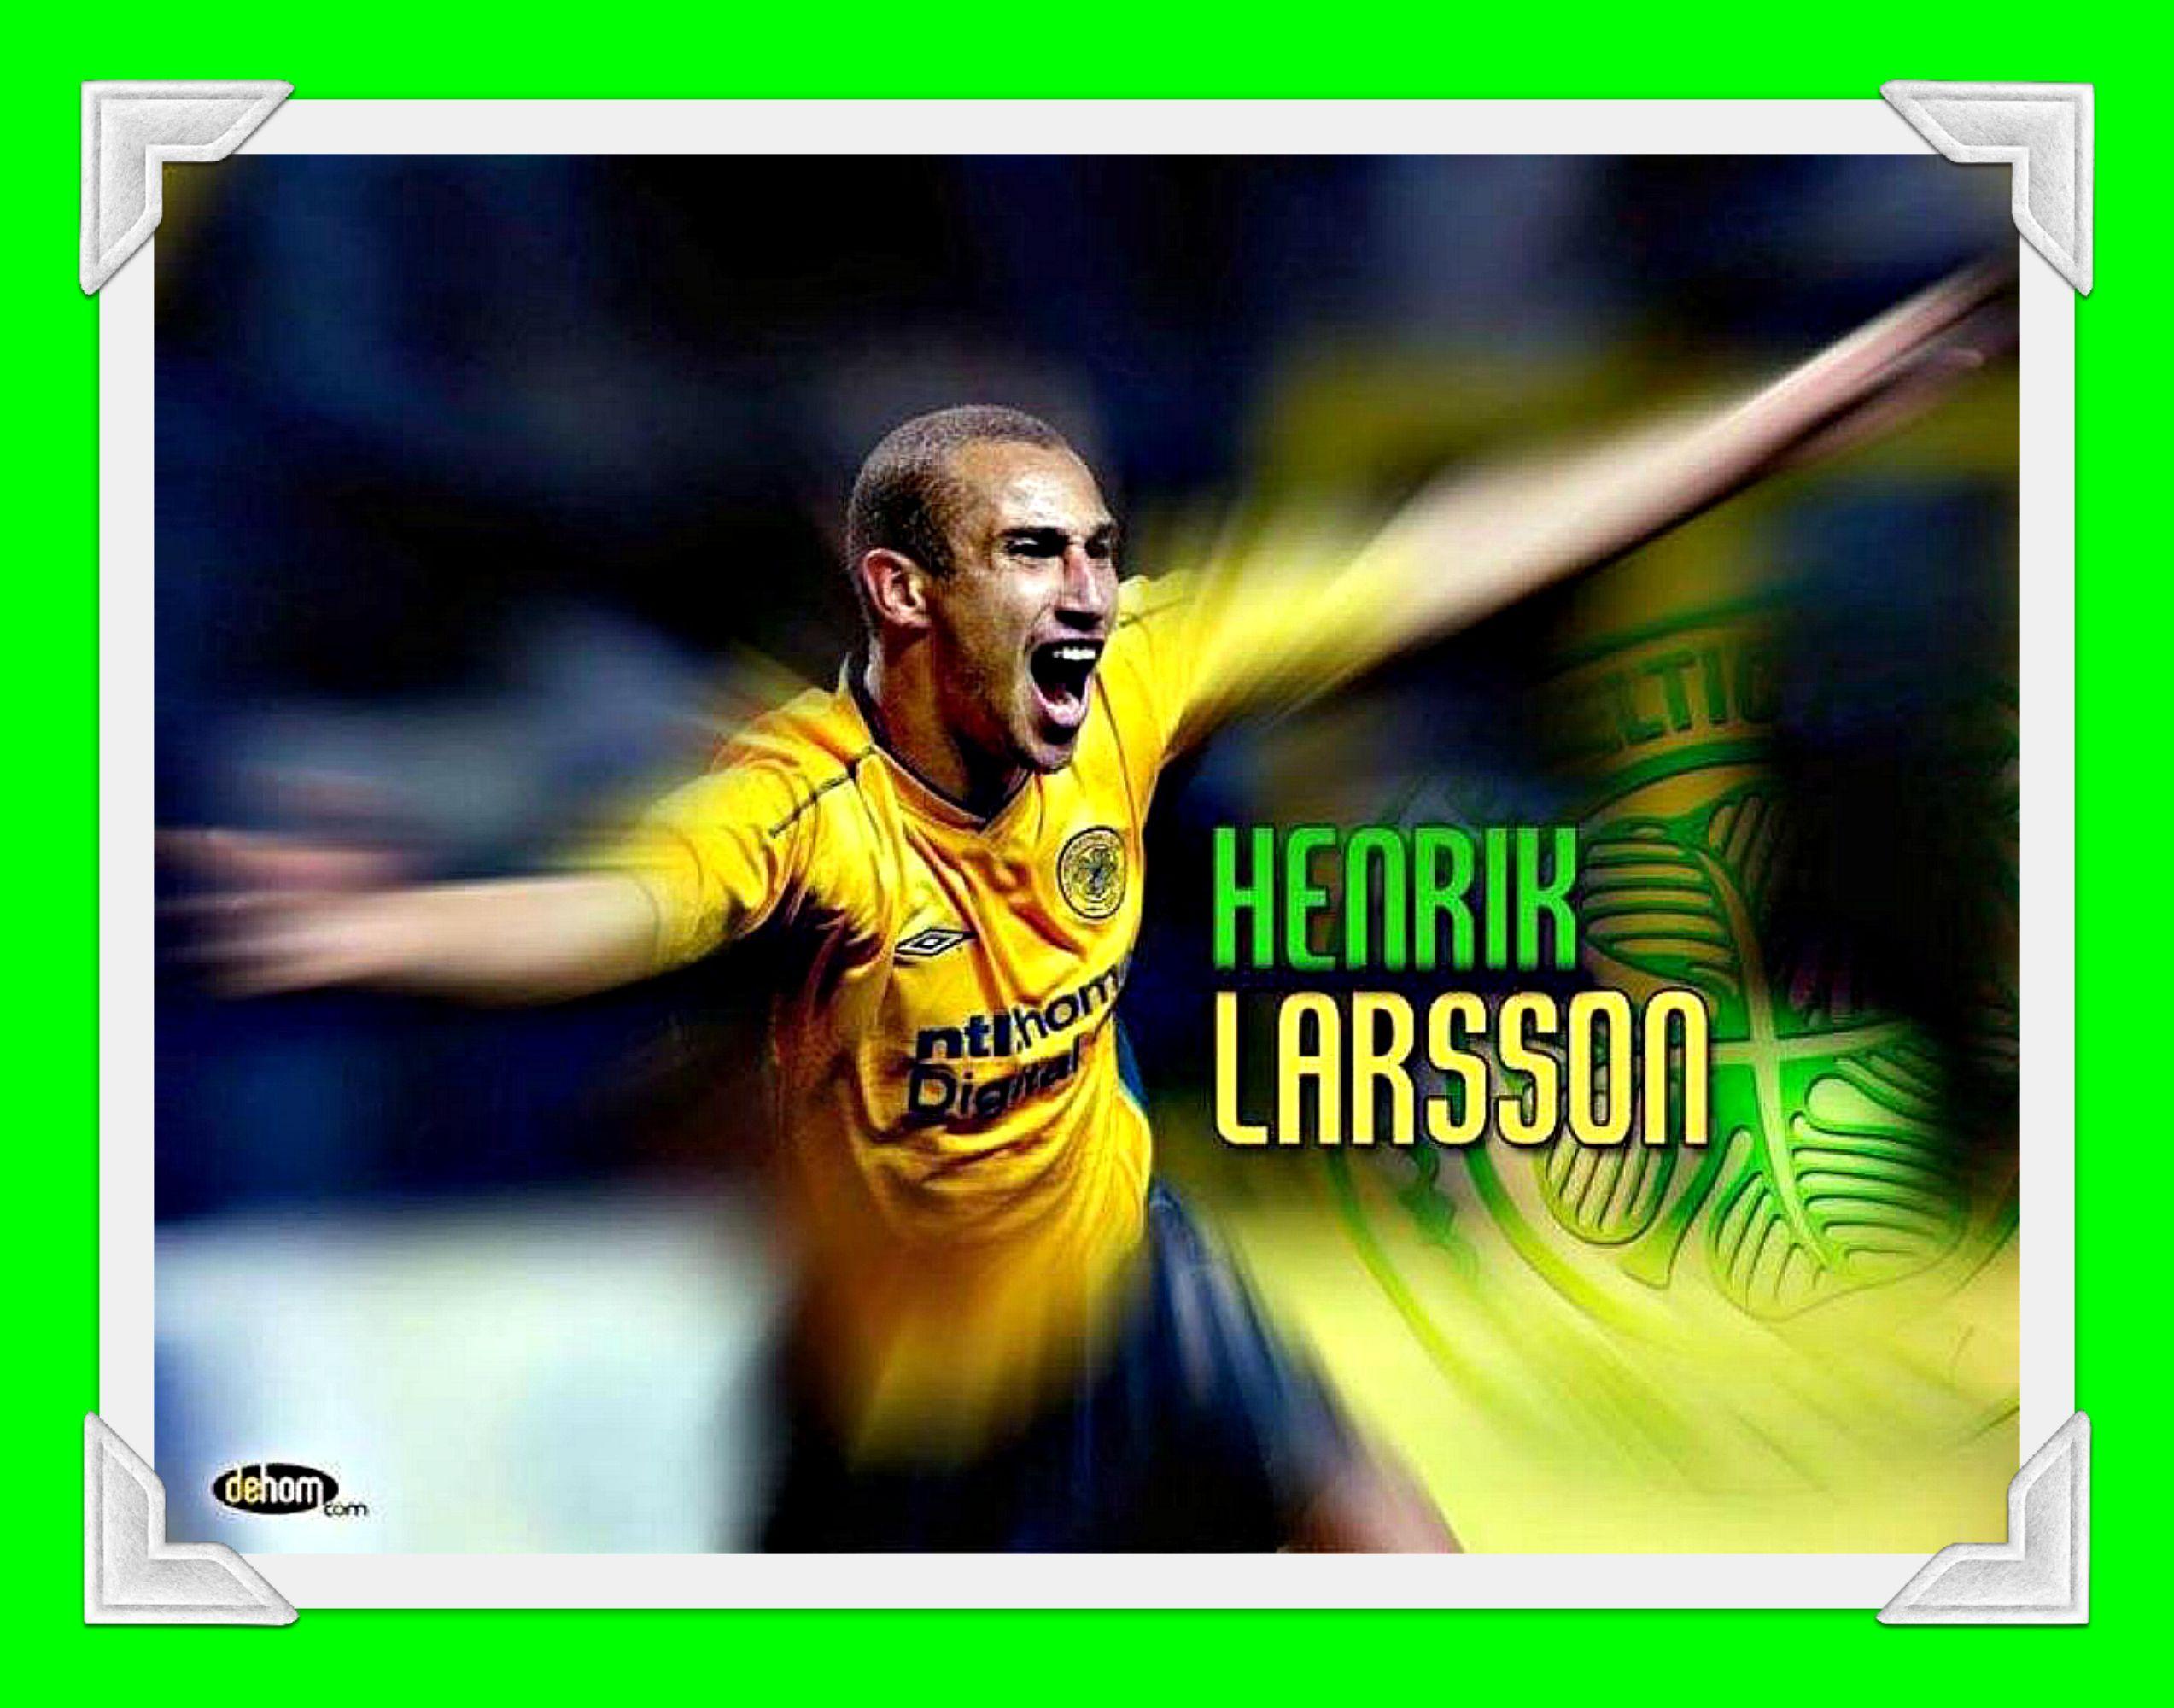 GB King Henrik Larsson YNWA HHH Celtic, Ynwa, Glasgow